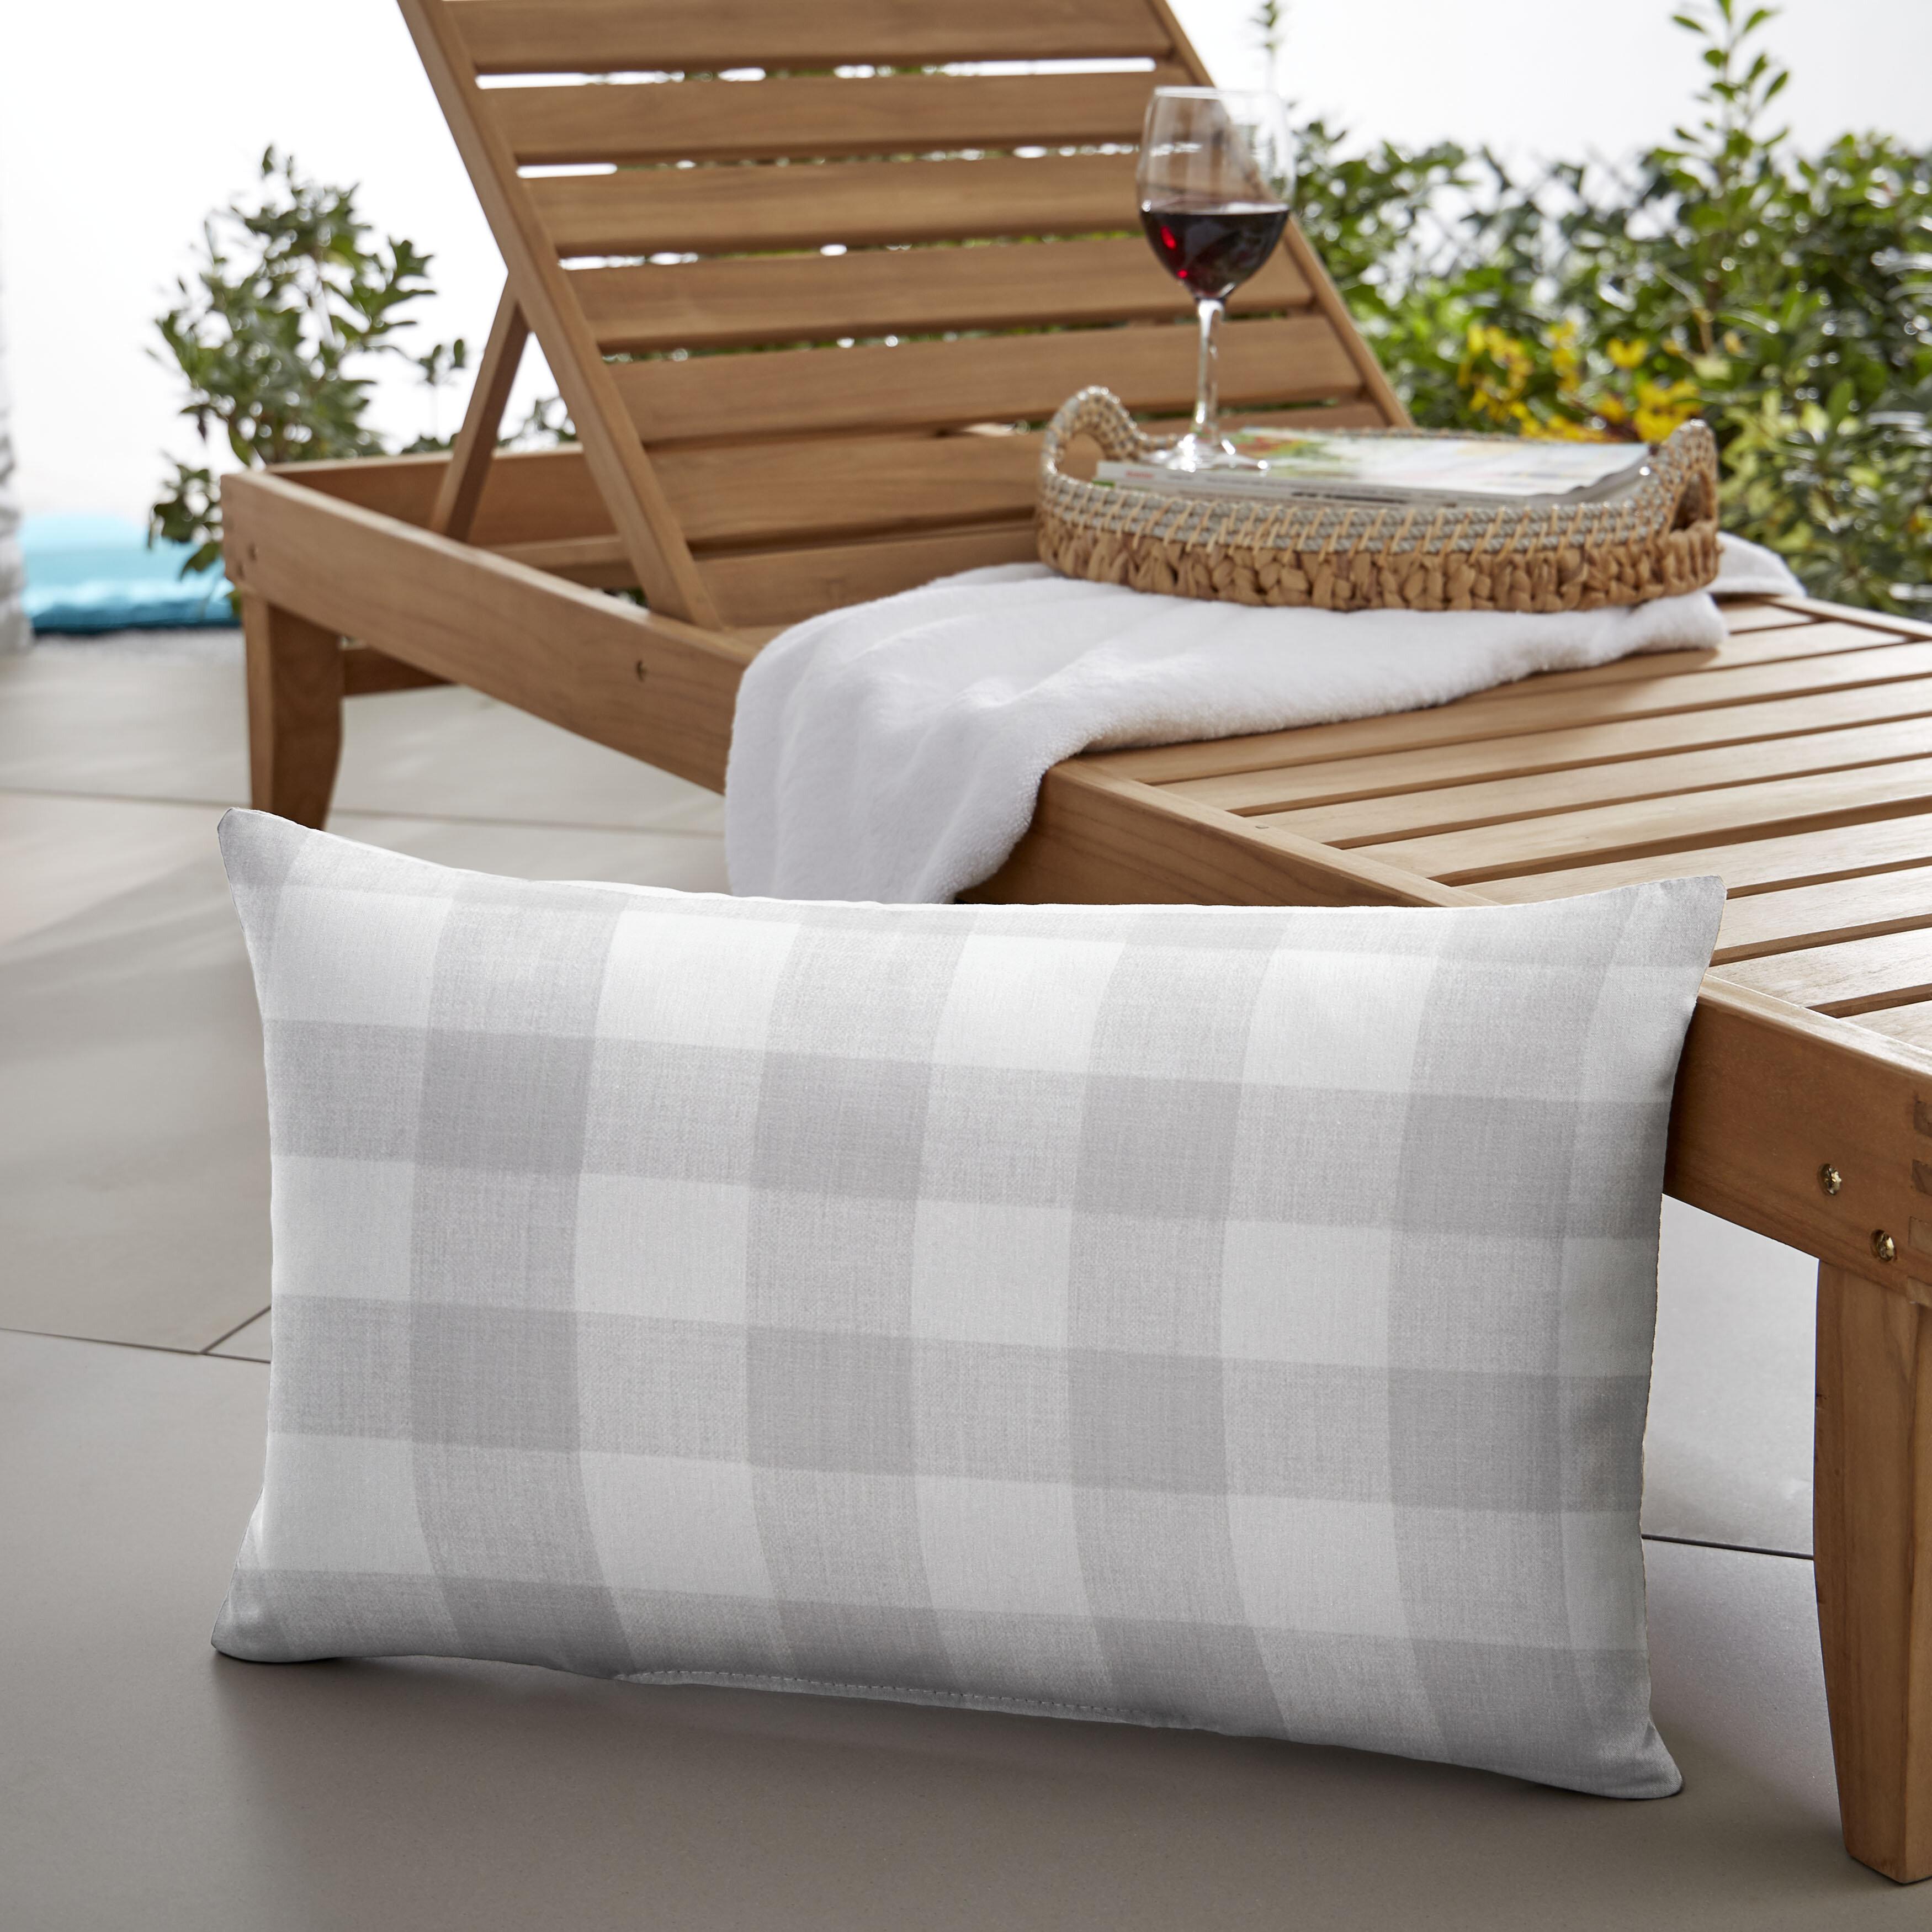 Mozaic Company Beddows Buffalo Plaid Indoor Outdoor Lumbar Pillow